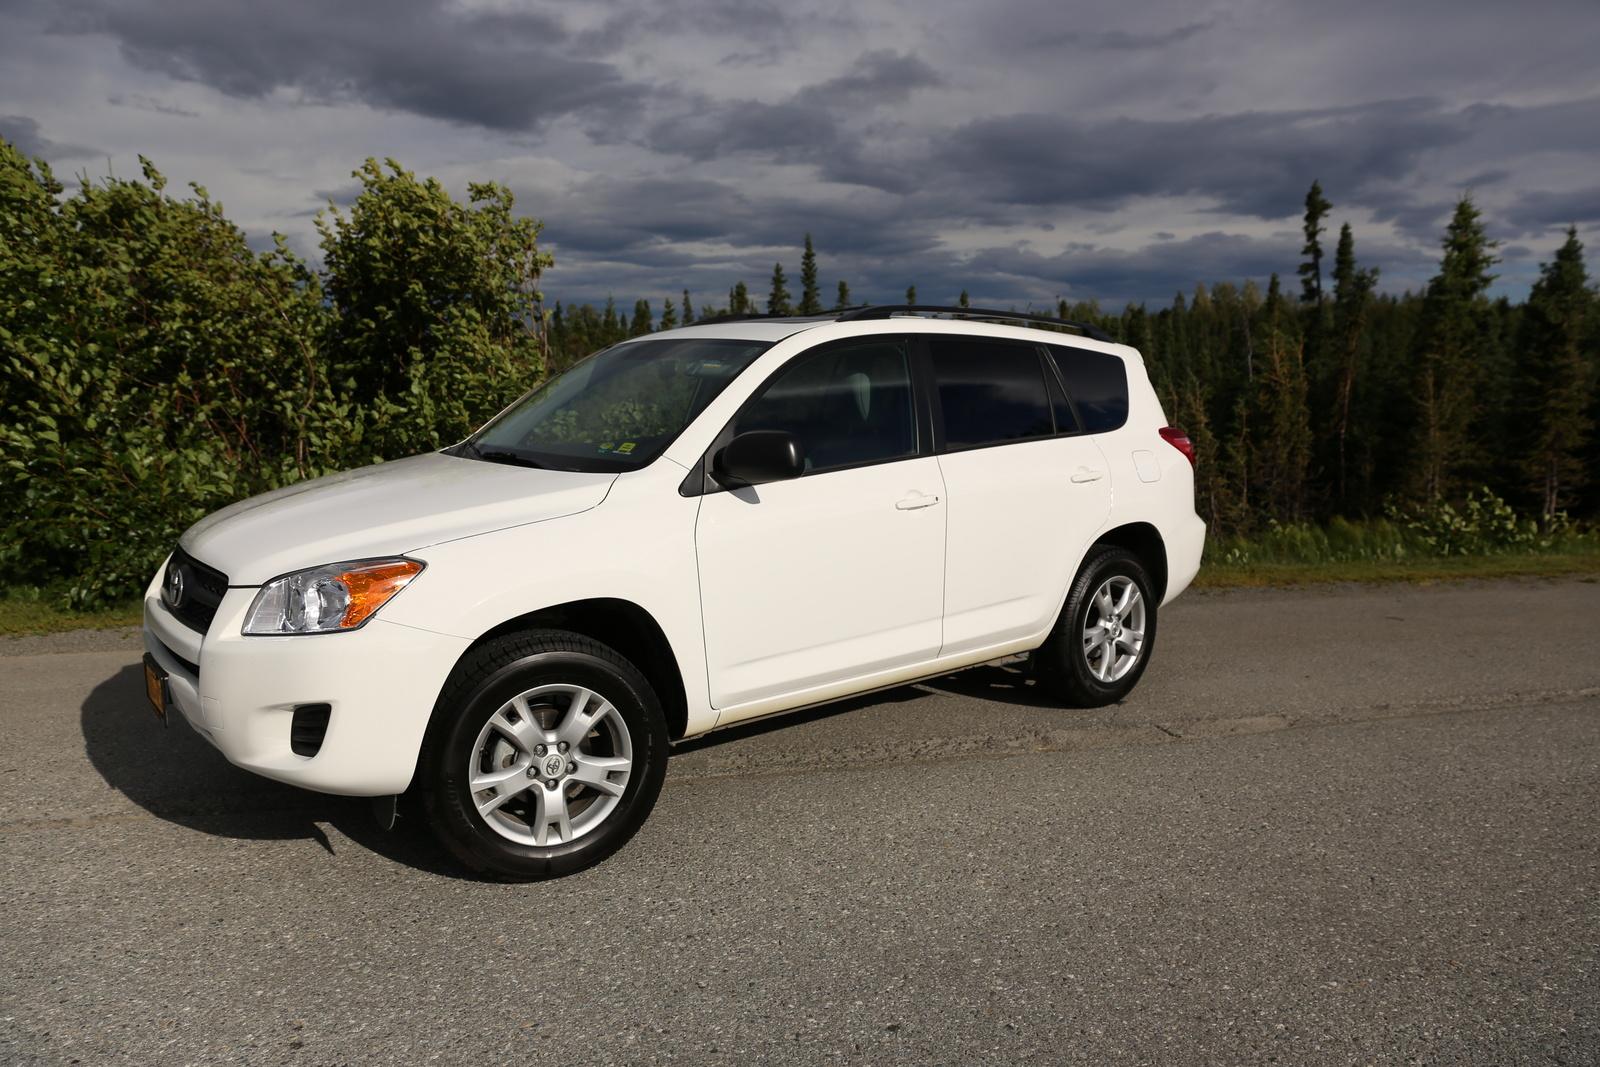 2011 Toyota Rav4 Pictures Cargurus